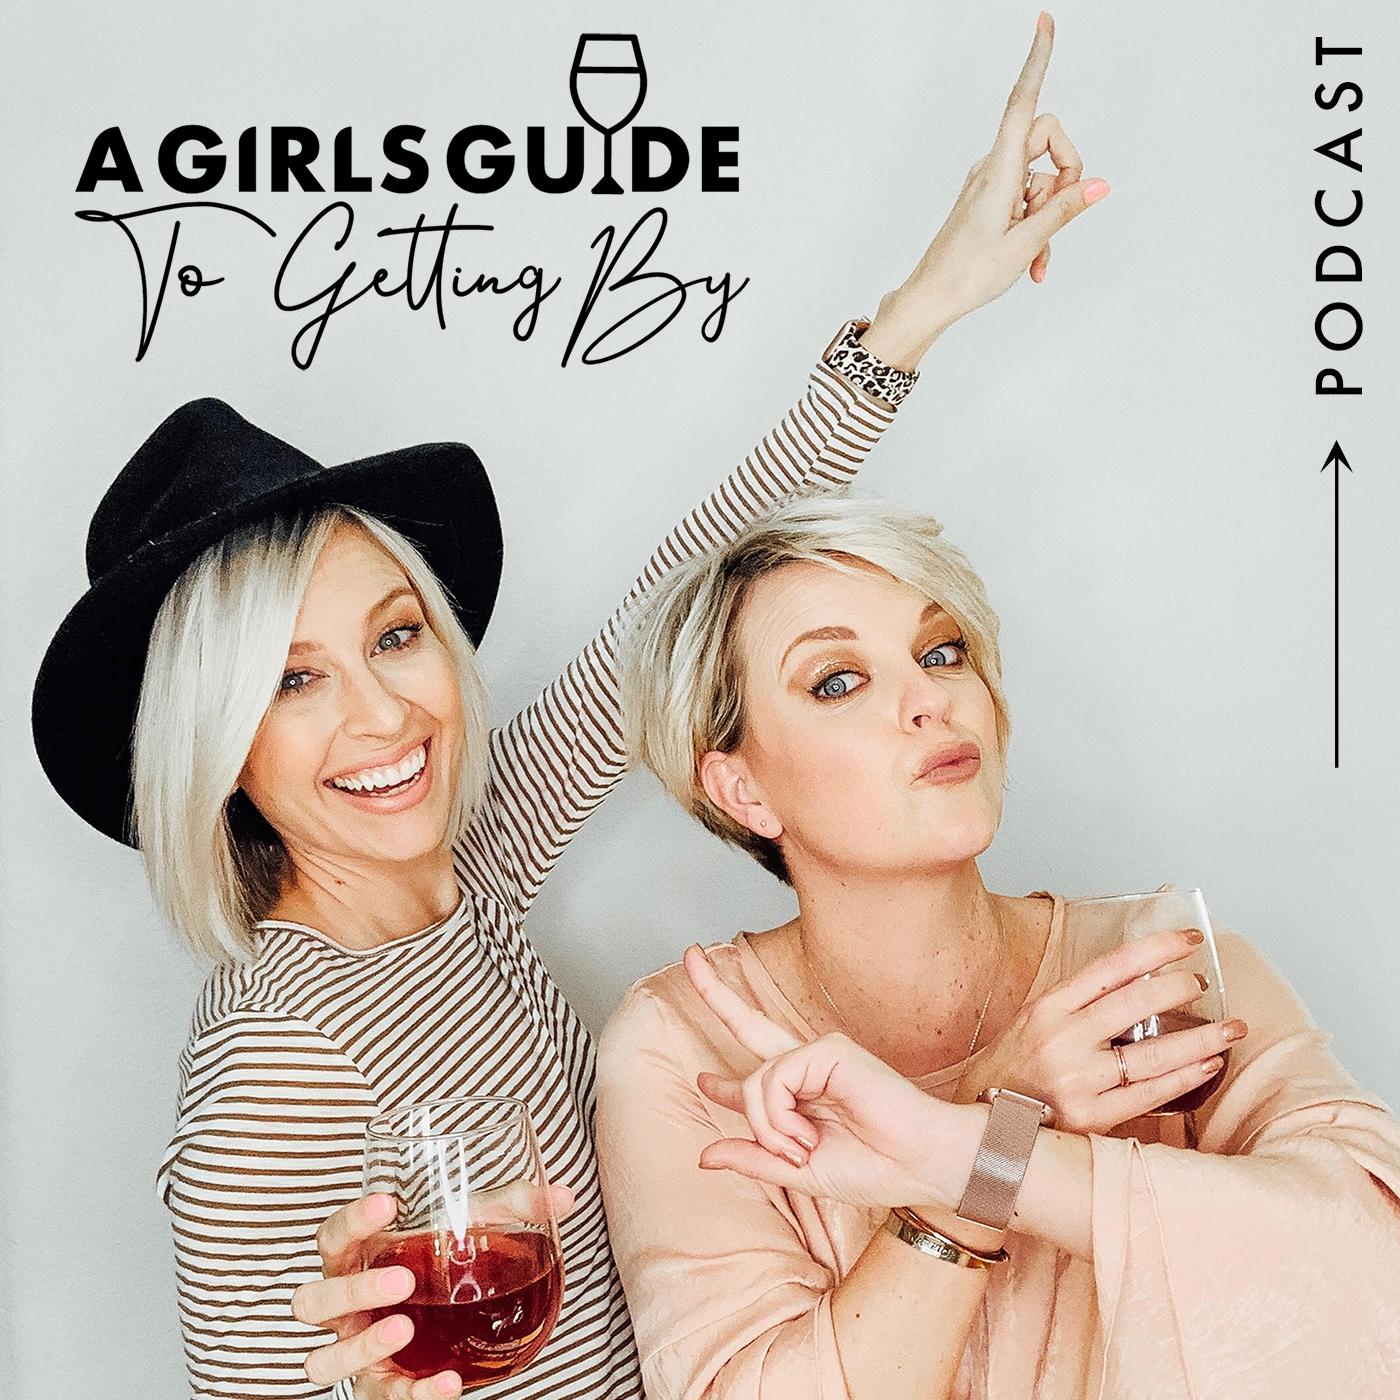 AGirlsGuide_PodcastArt_1400x1400 copy.jpg